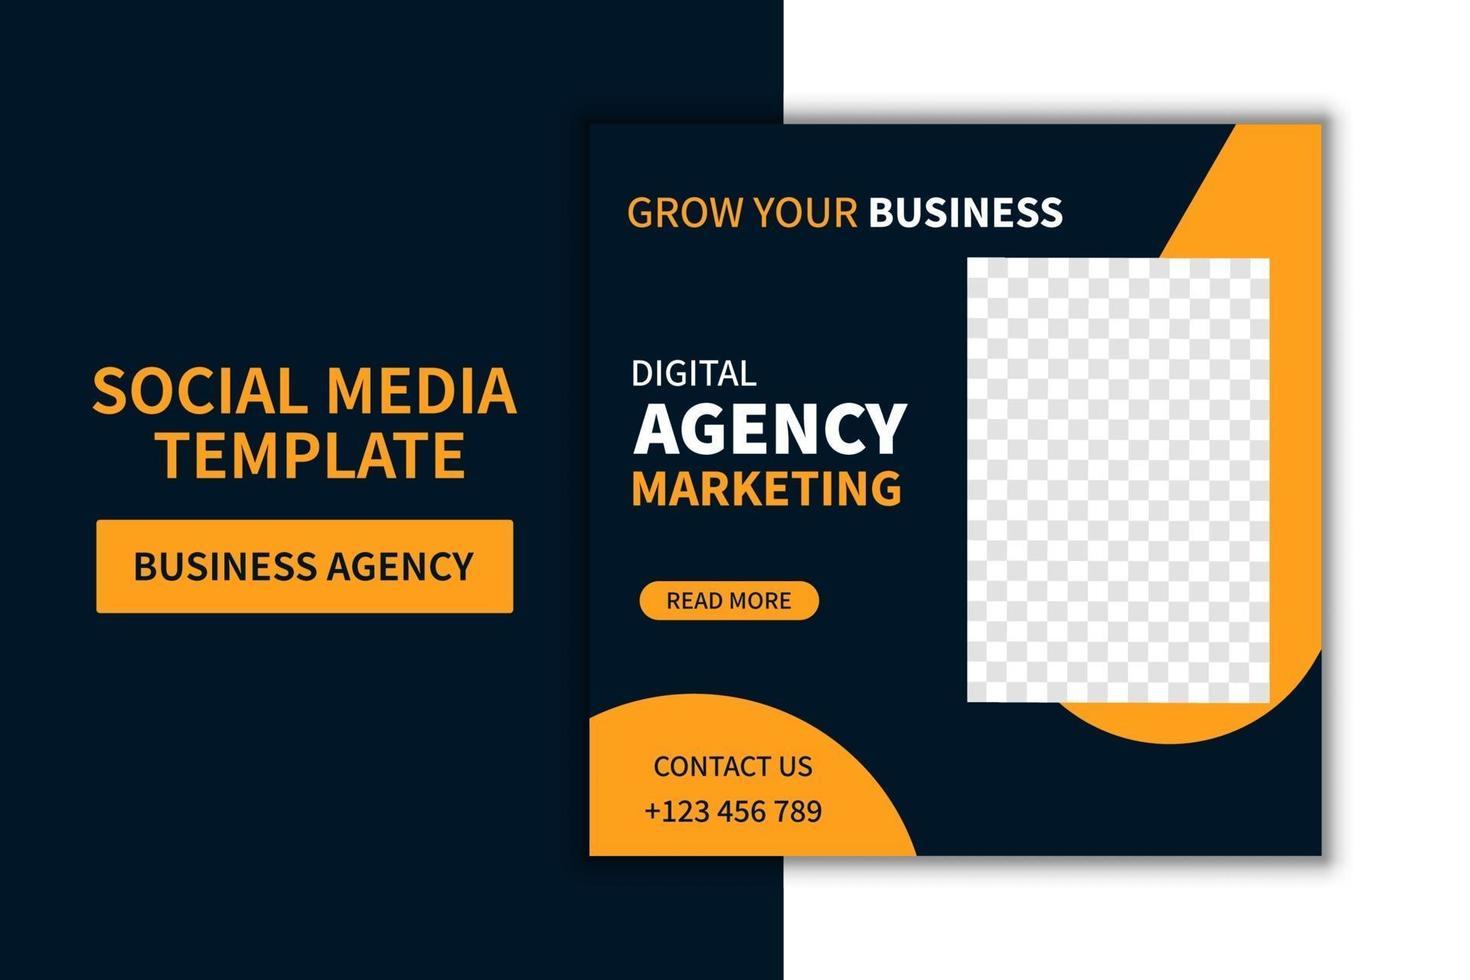 kreative moderne Geschäftsagentur Social Media Post Template Design. Bannerwerbung. Unternehmenswerbung vektor